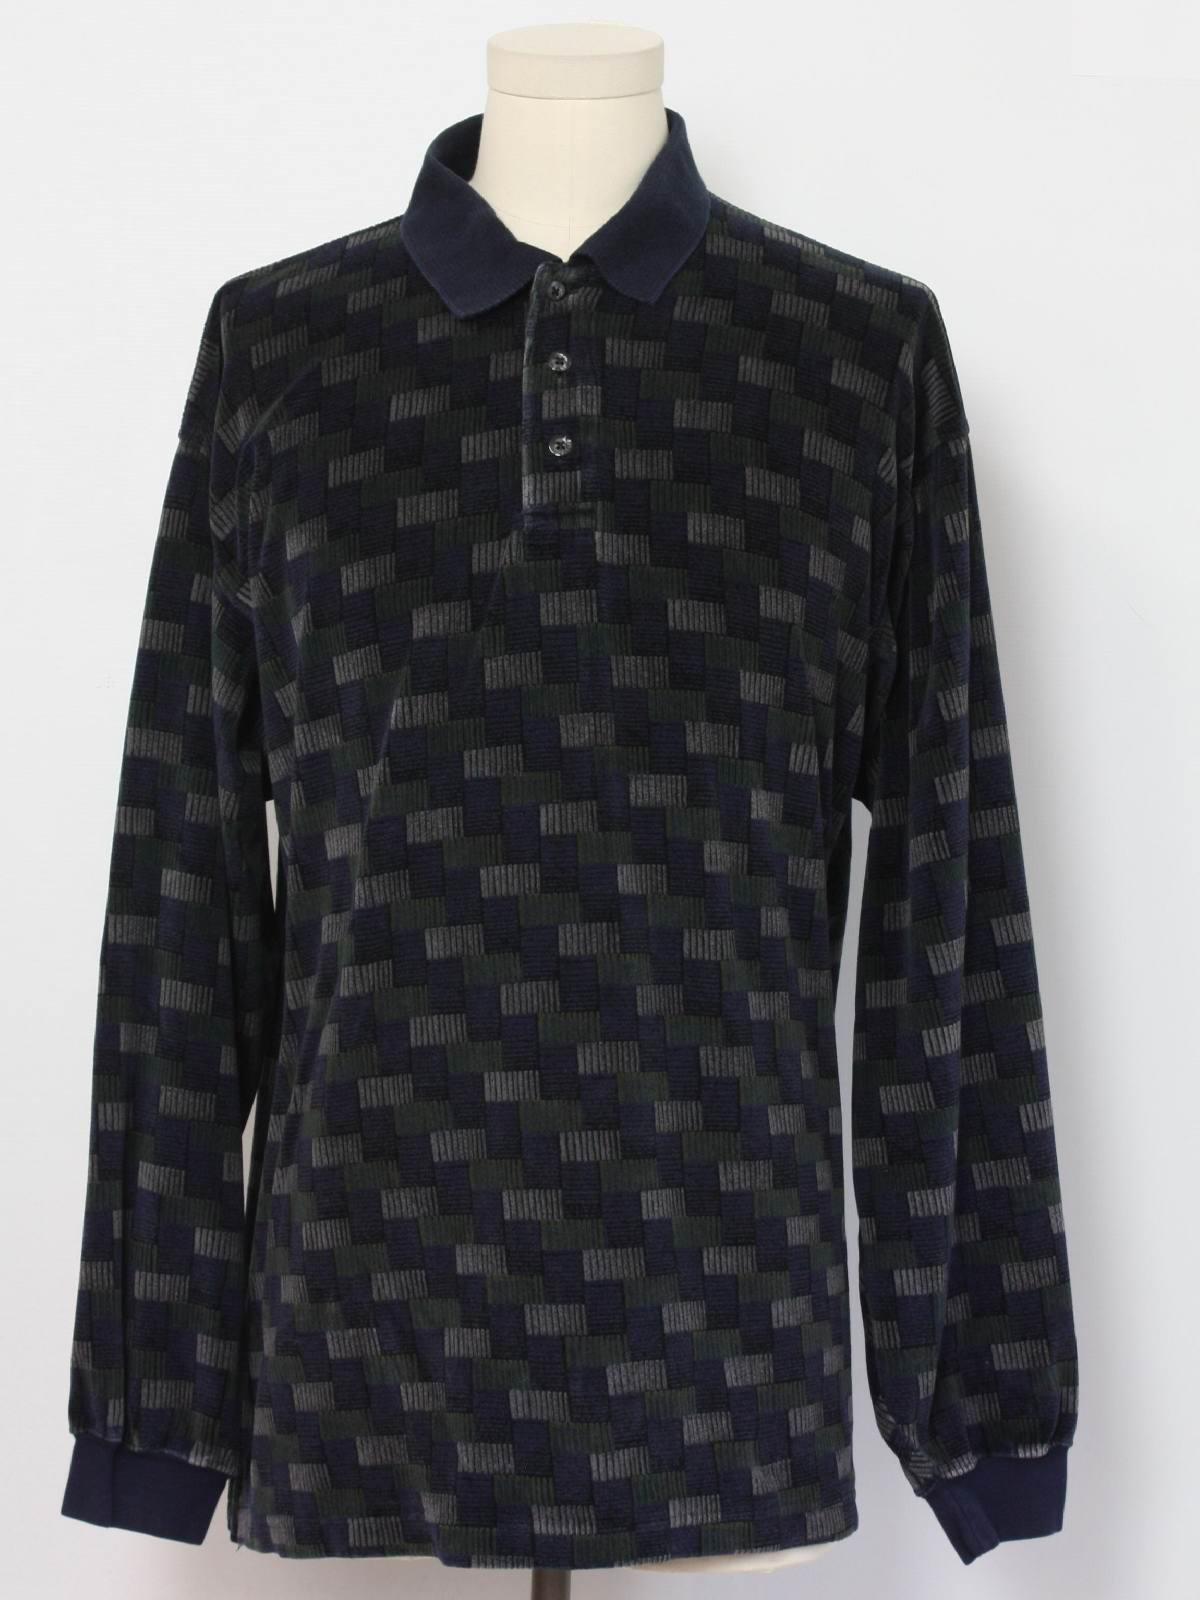 Retro Nineties Velour Shirt 90s Chereskin Mens Navy